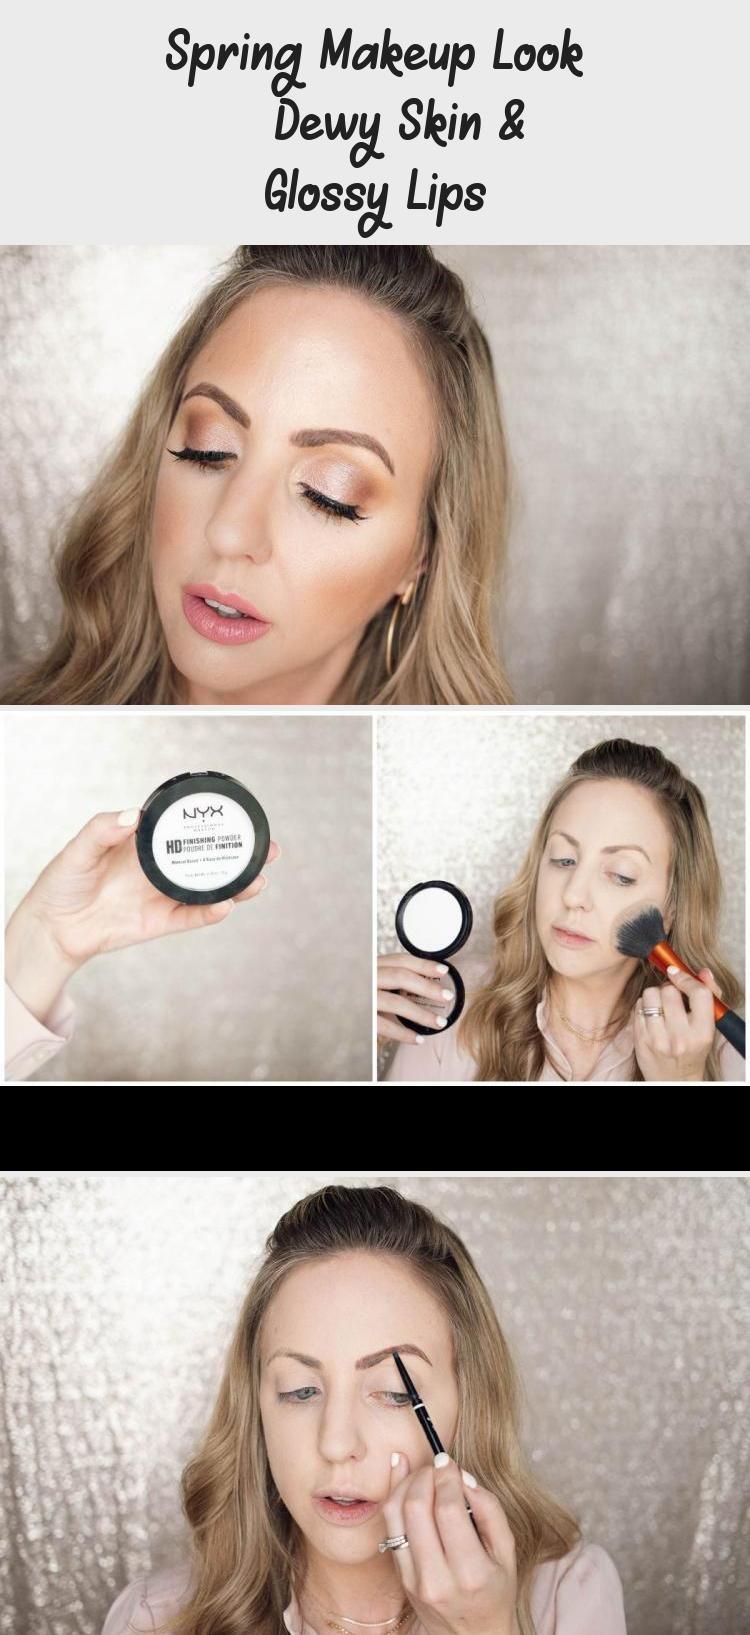 Spring Makeup Look Dewy Skin & Glossy Lips in 2020